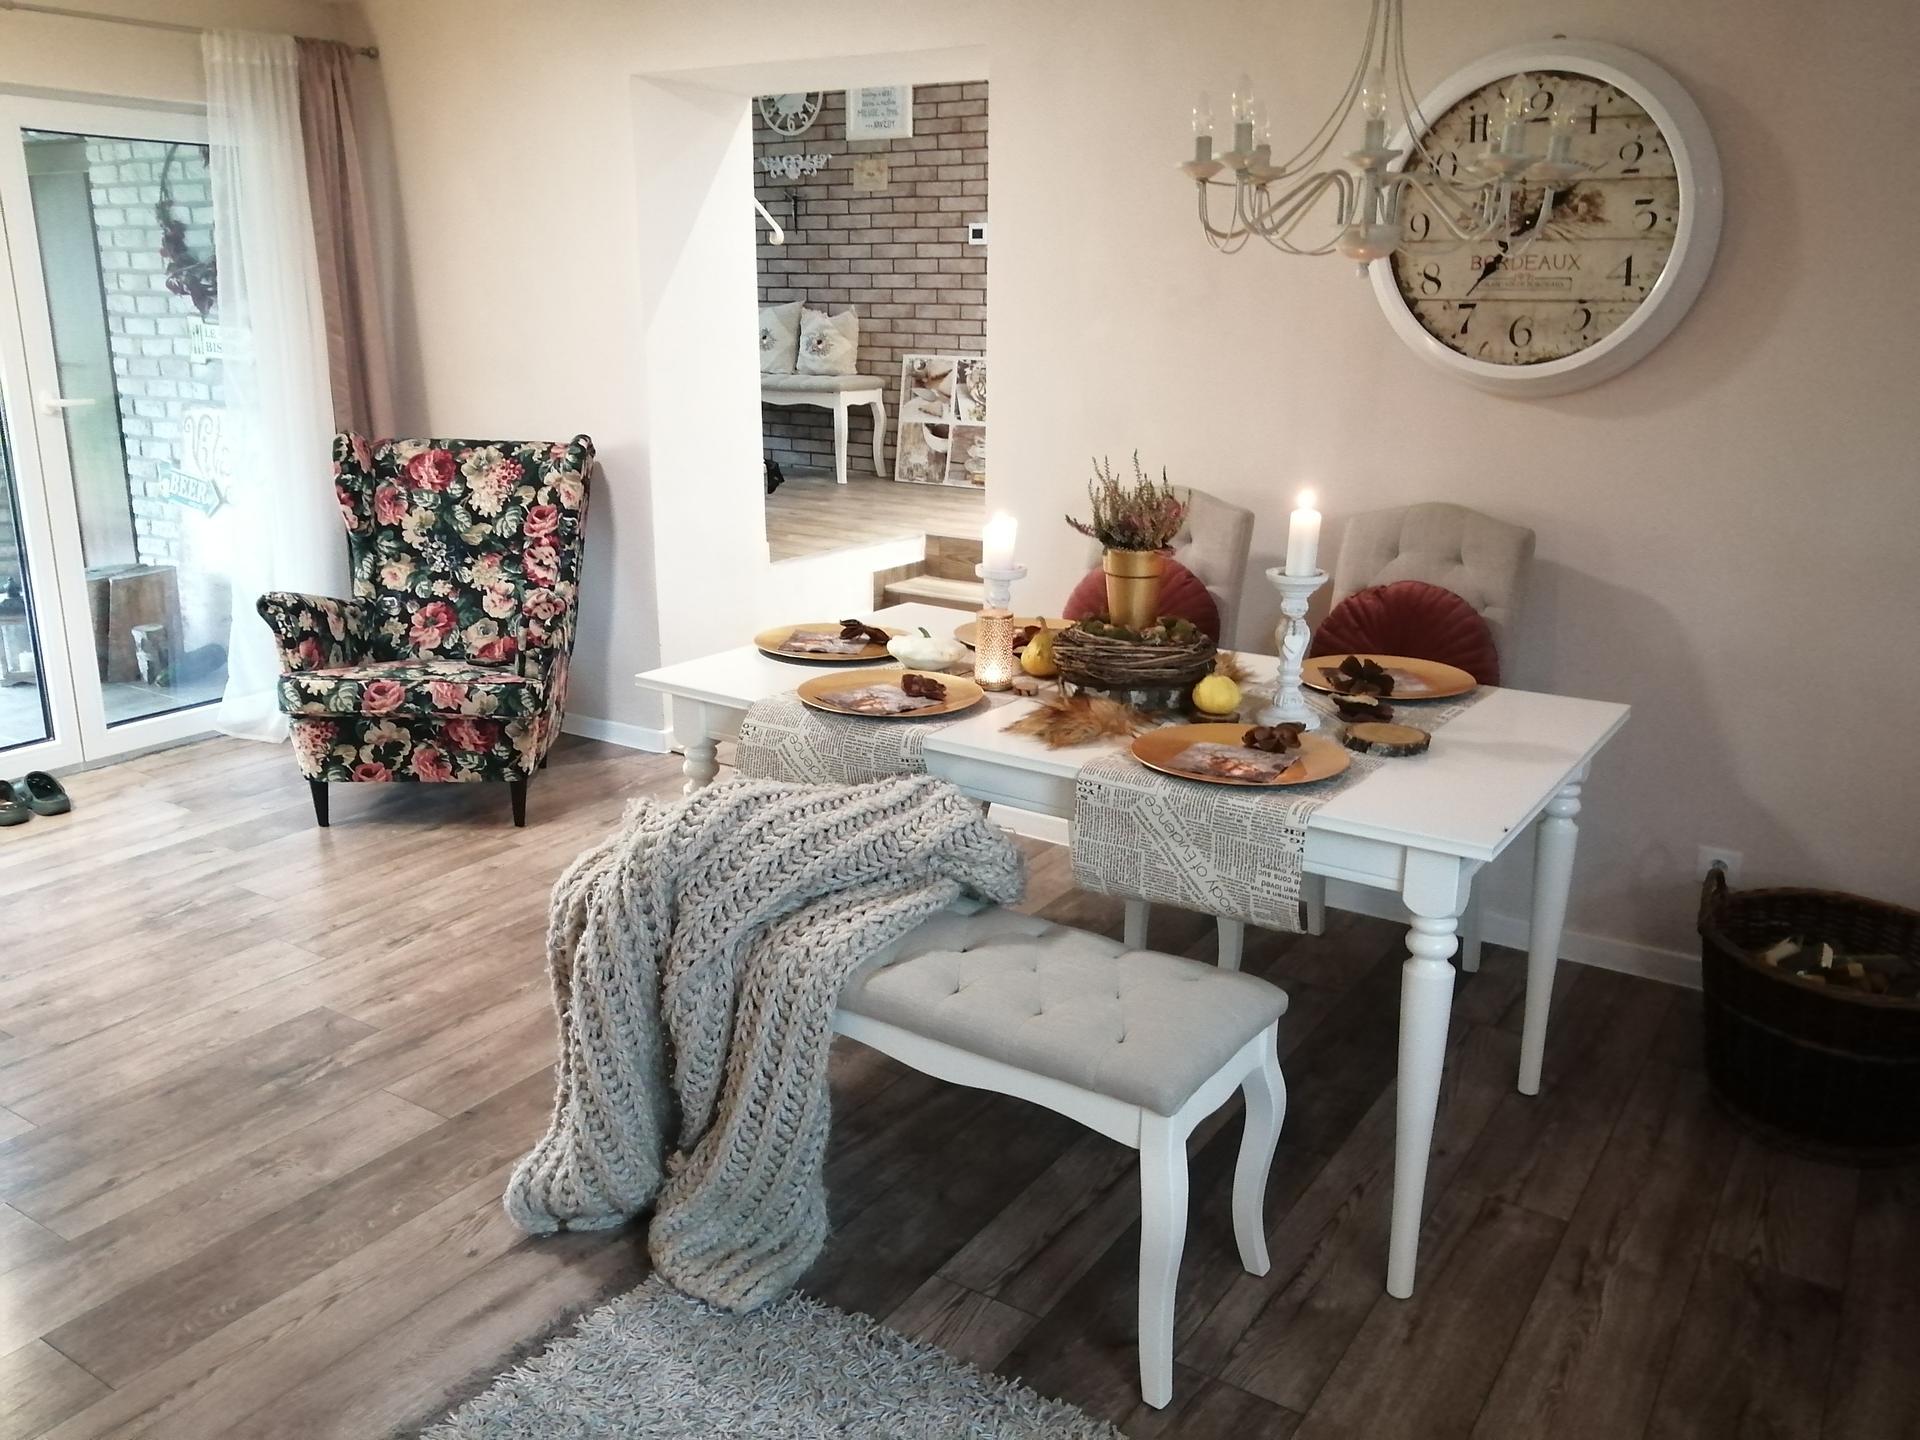 Naša jedáleň 🍂 - Obrázok č. 4